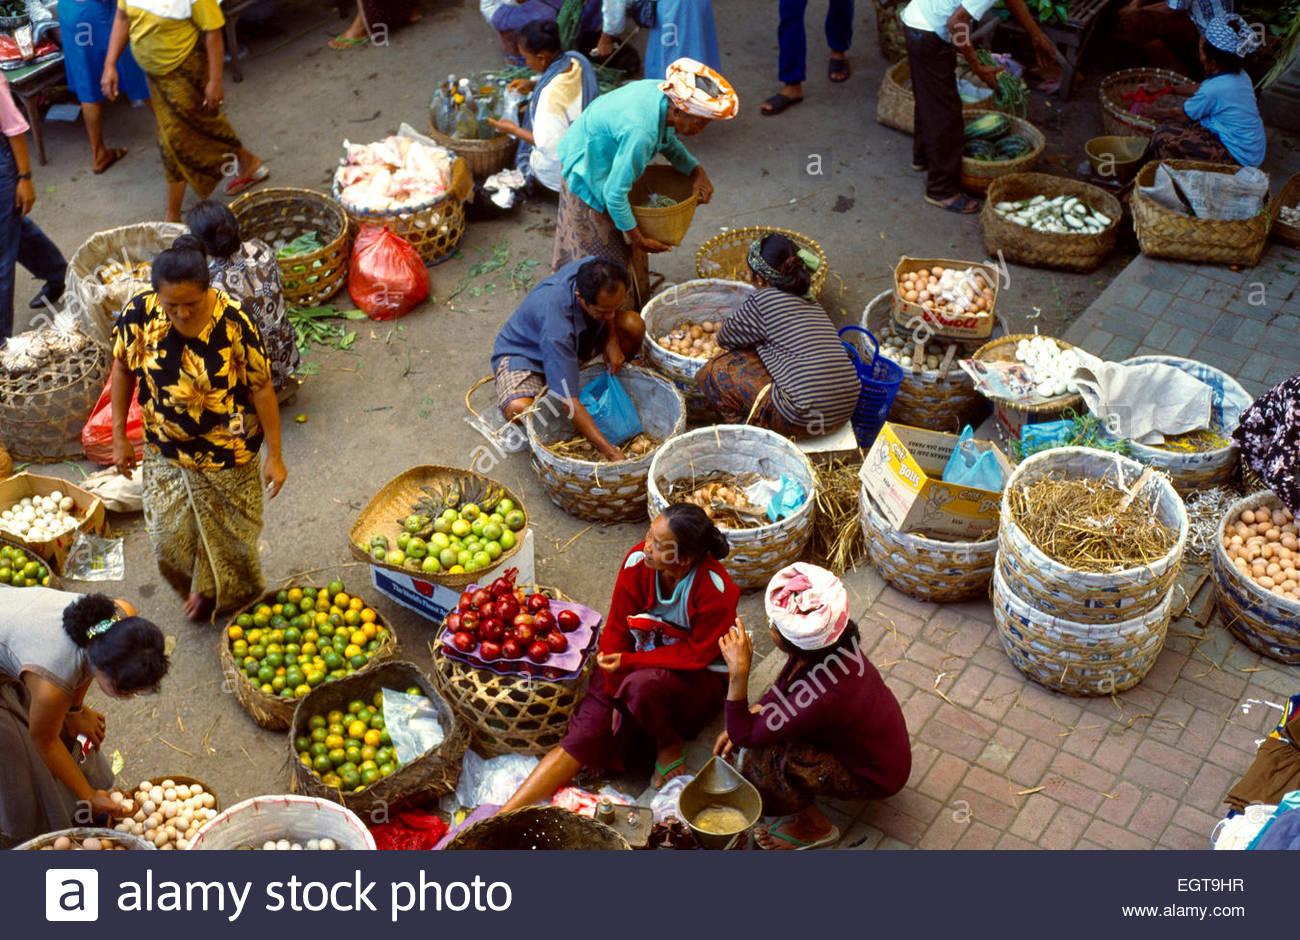 Bali Indonesia Ubud Market - Stock Image